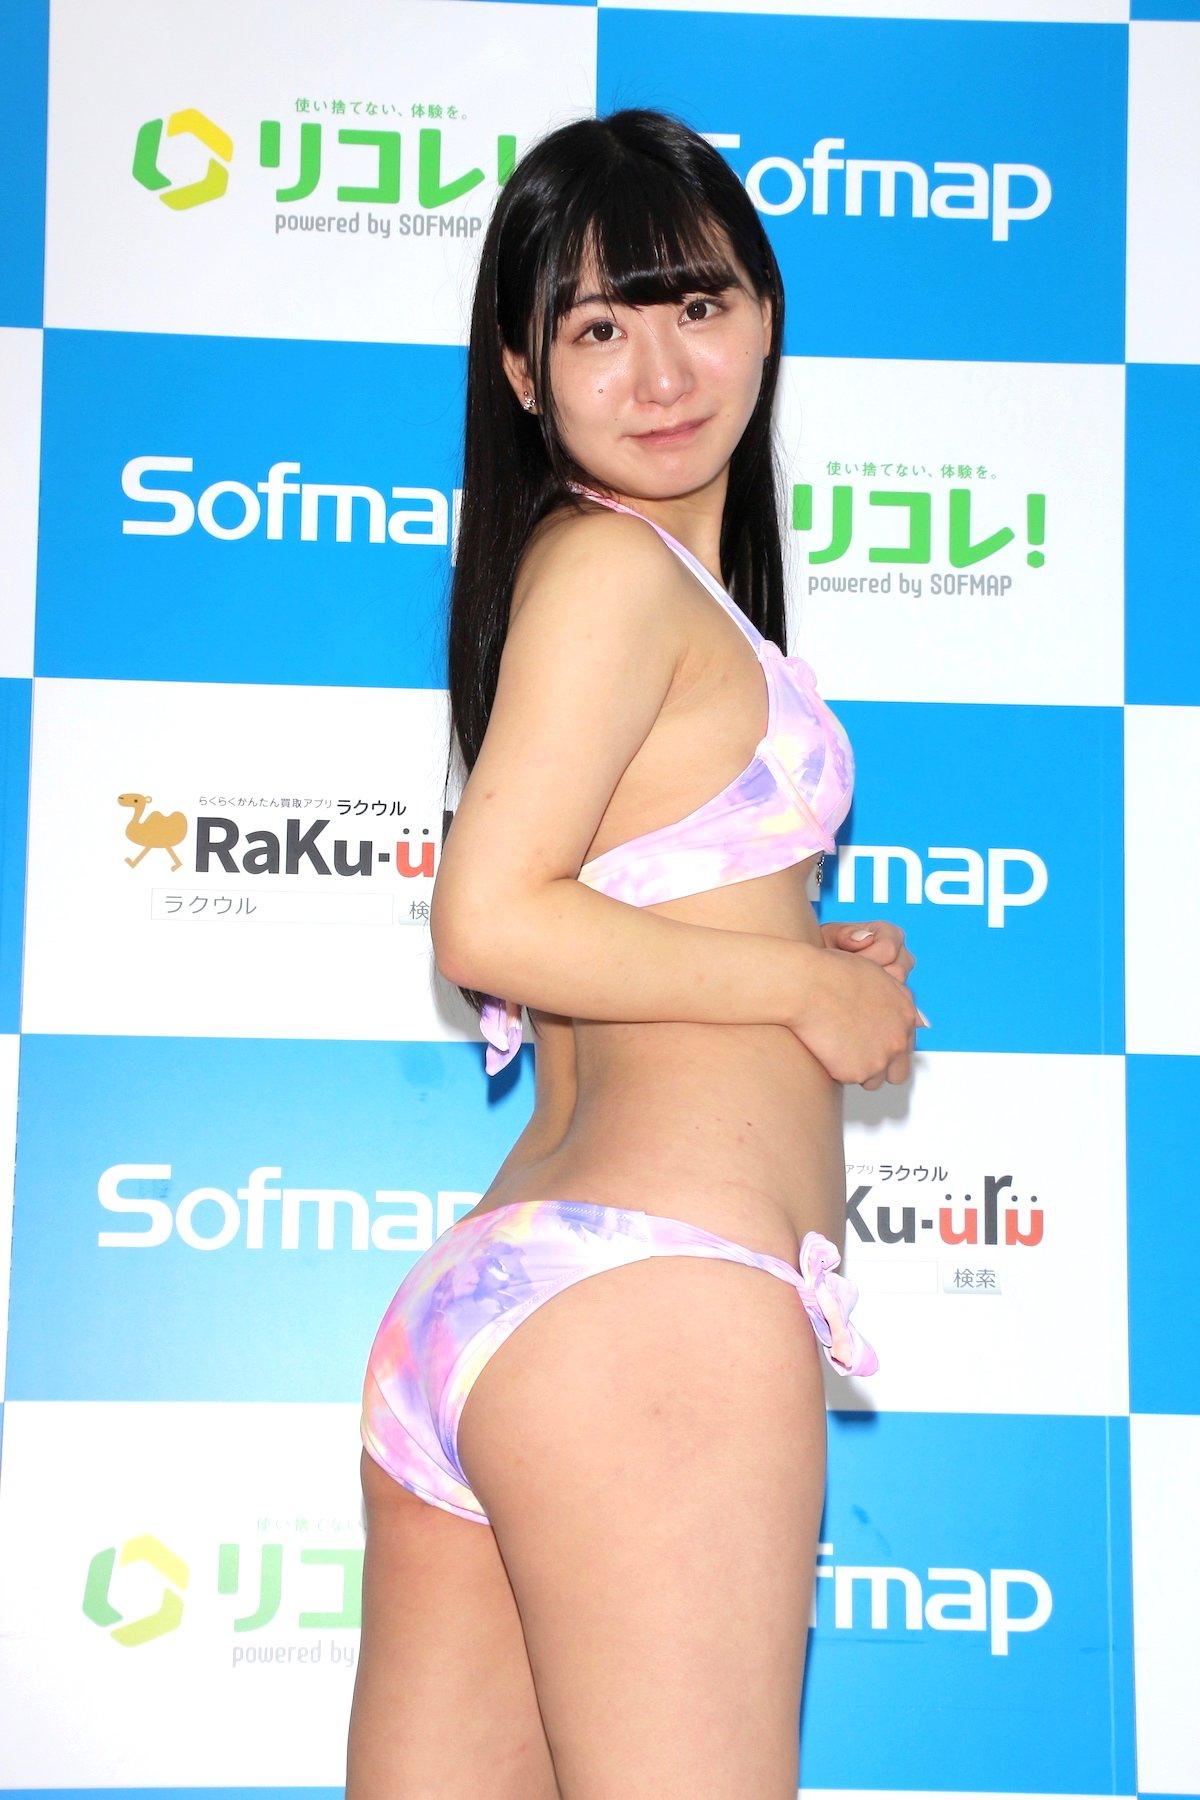 鈴木ことね「お尻推しって言われます」自分では意識してませんでした【画像49枚】の画像012